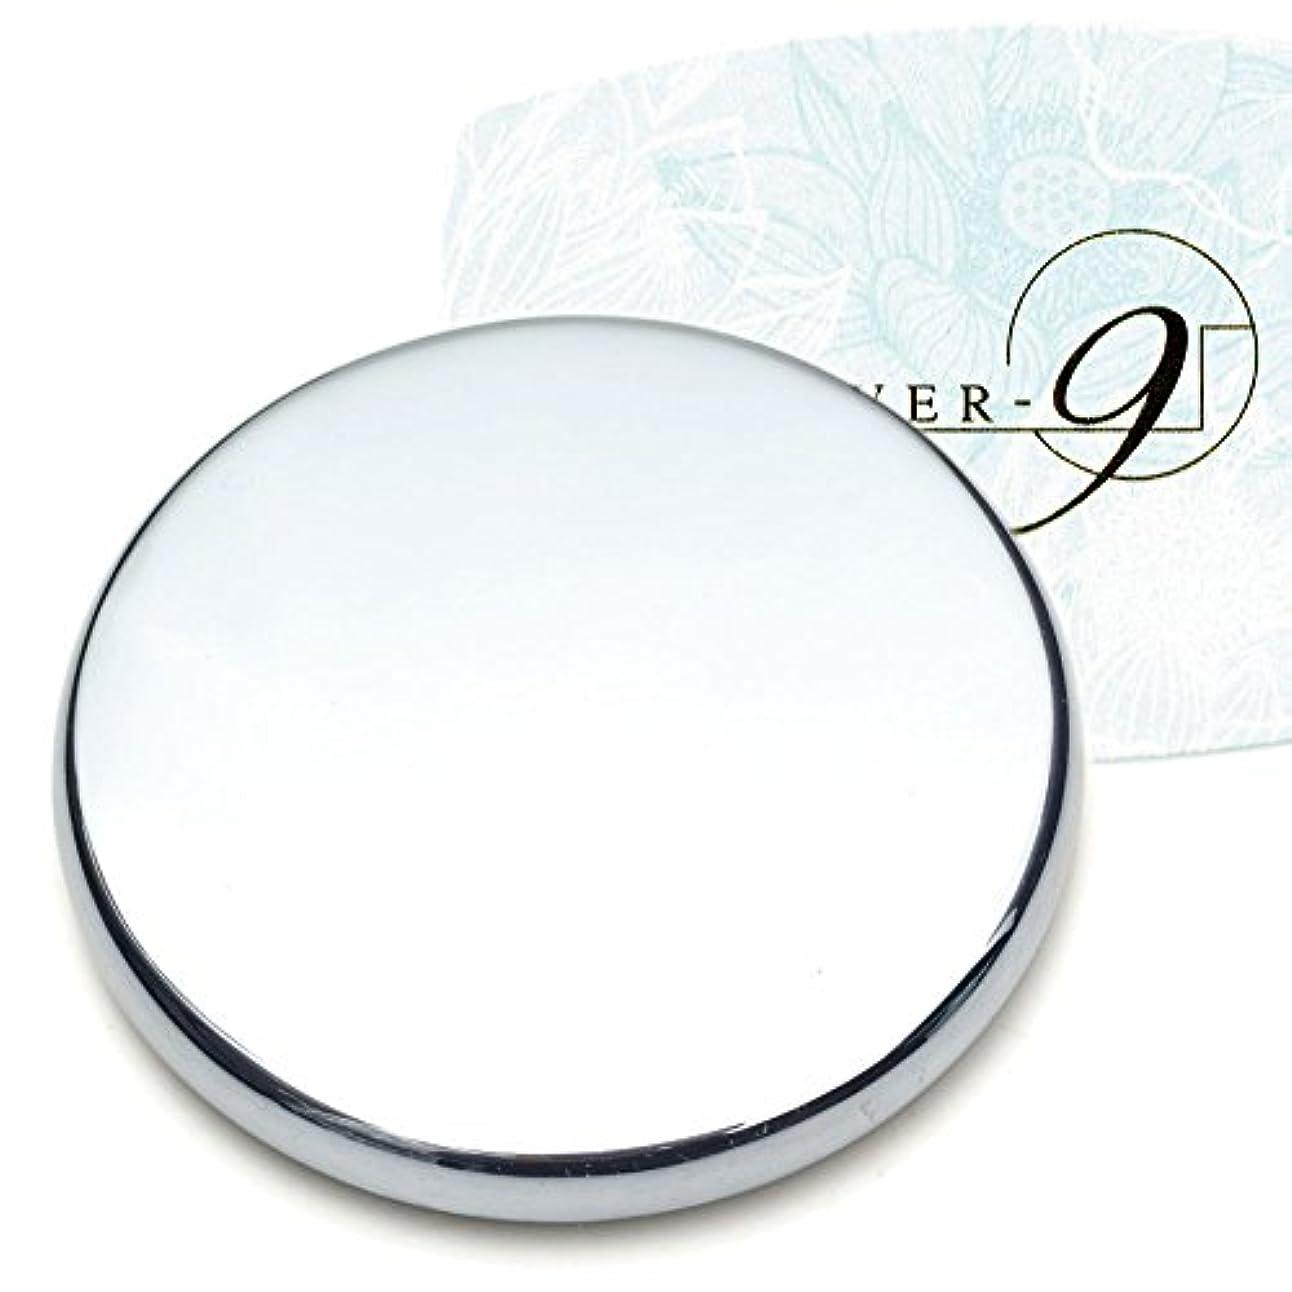 [OVER-9®] テラヘルツ鉱石 エステ用 丸型 円盤 プレート 公的機関にて検査済み!パワーストーン 天然石 健康 美容 美顔 かっさ グッズ お風呂